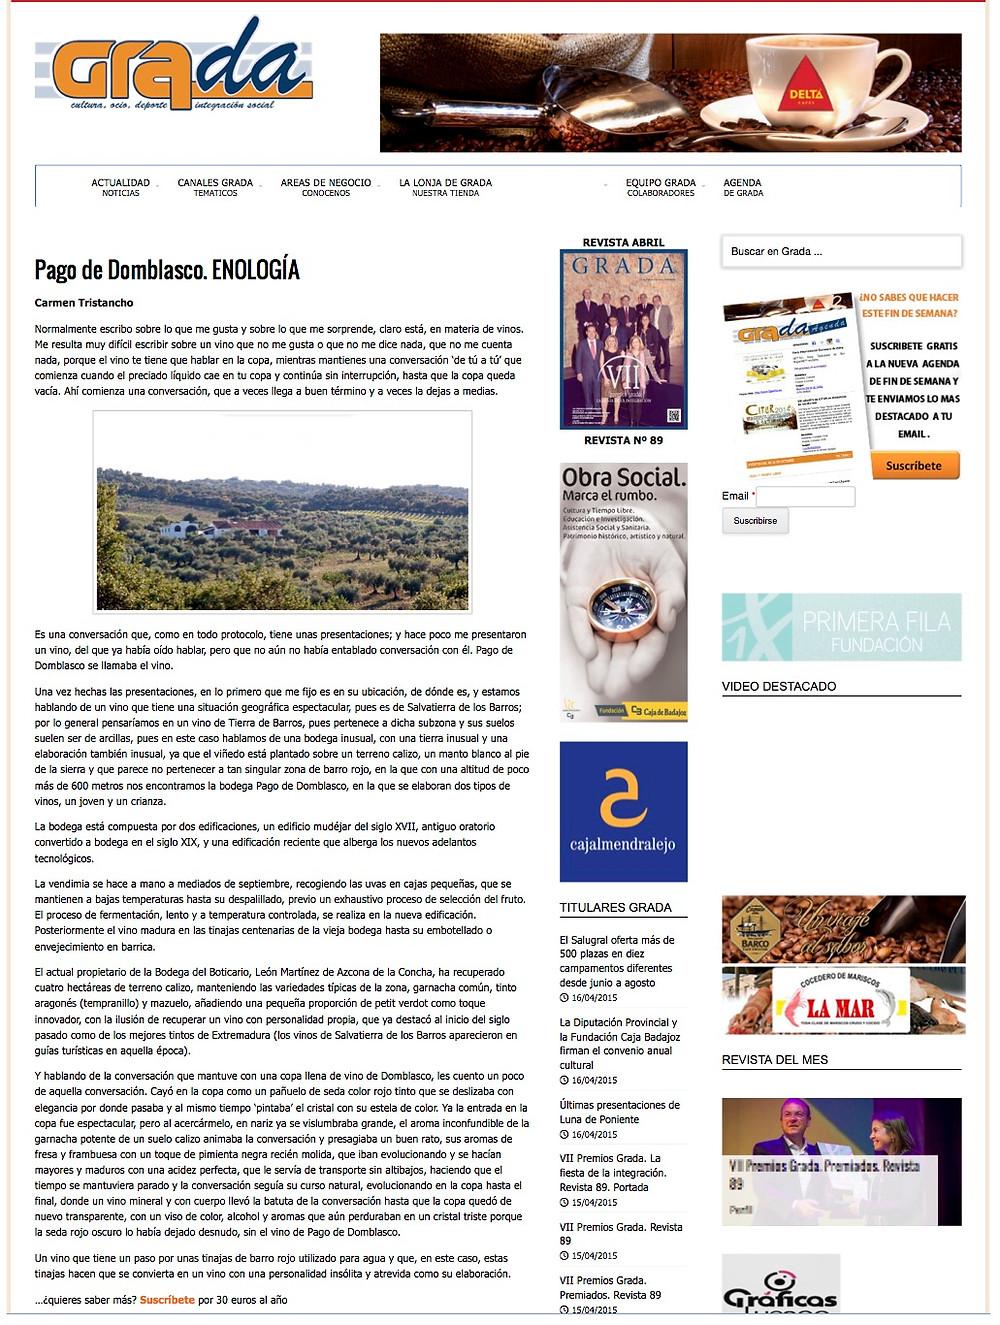 ENOLOGÍA_-_Grada.jpg